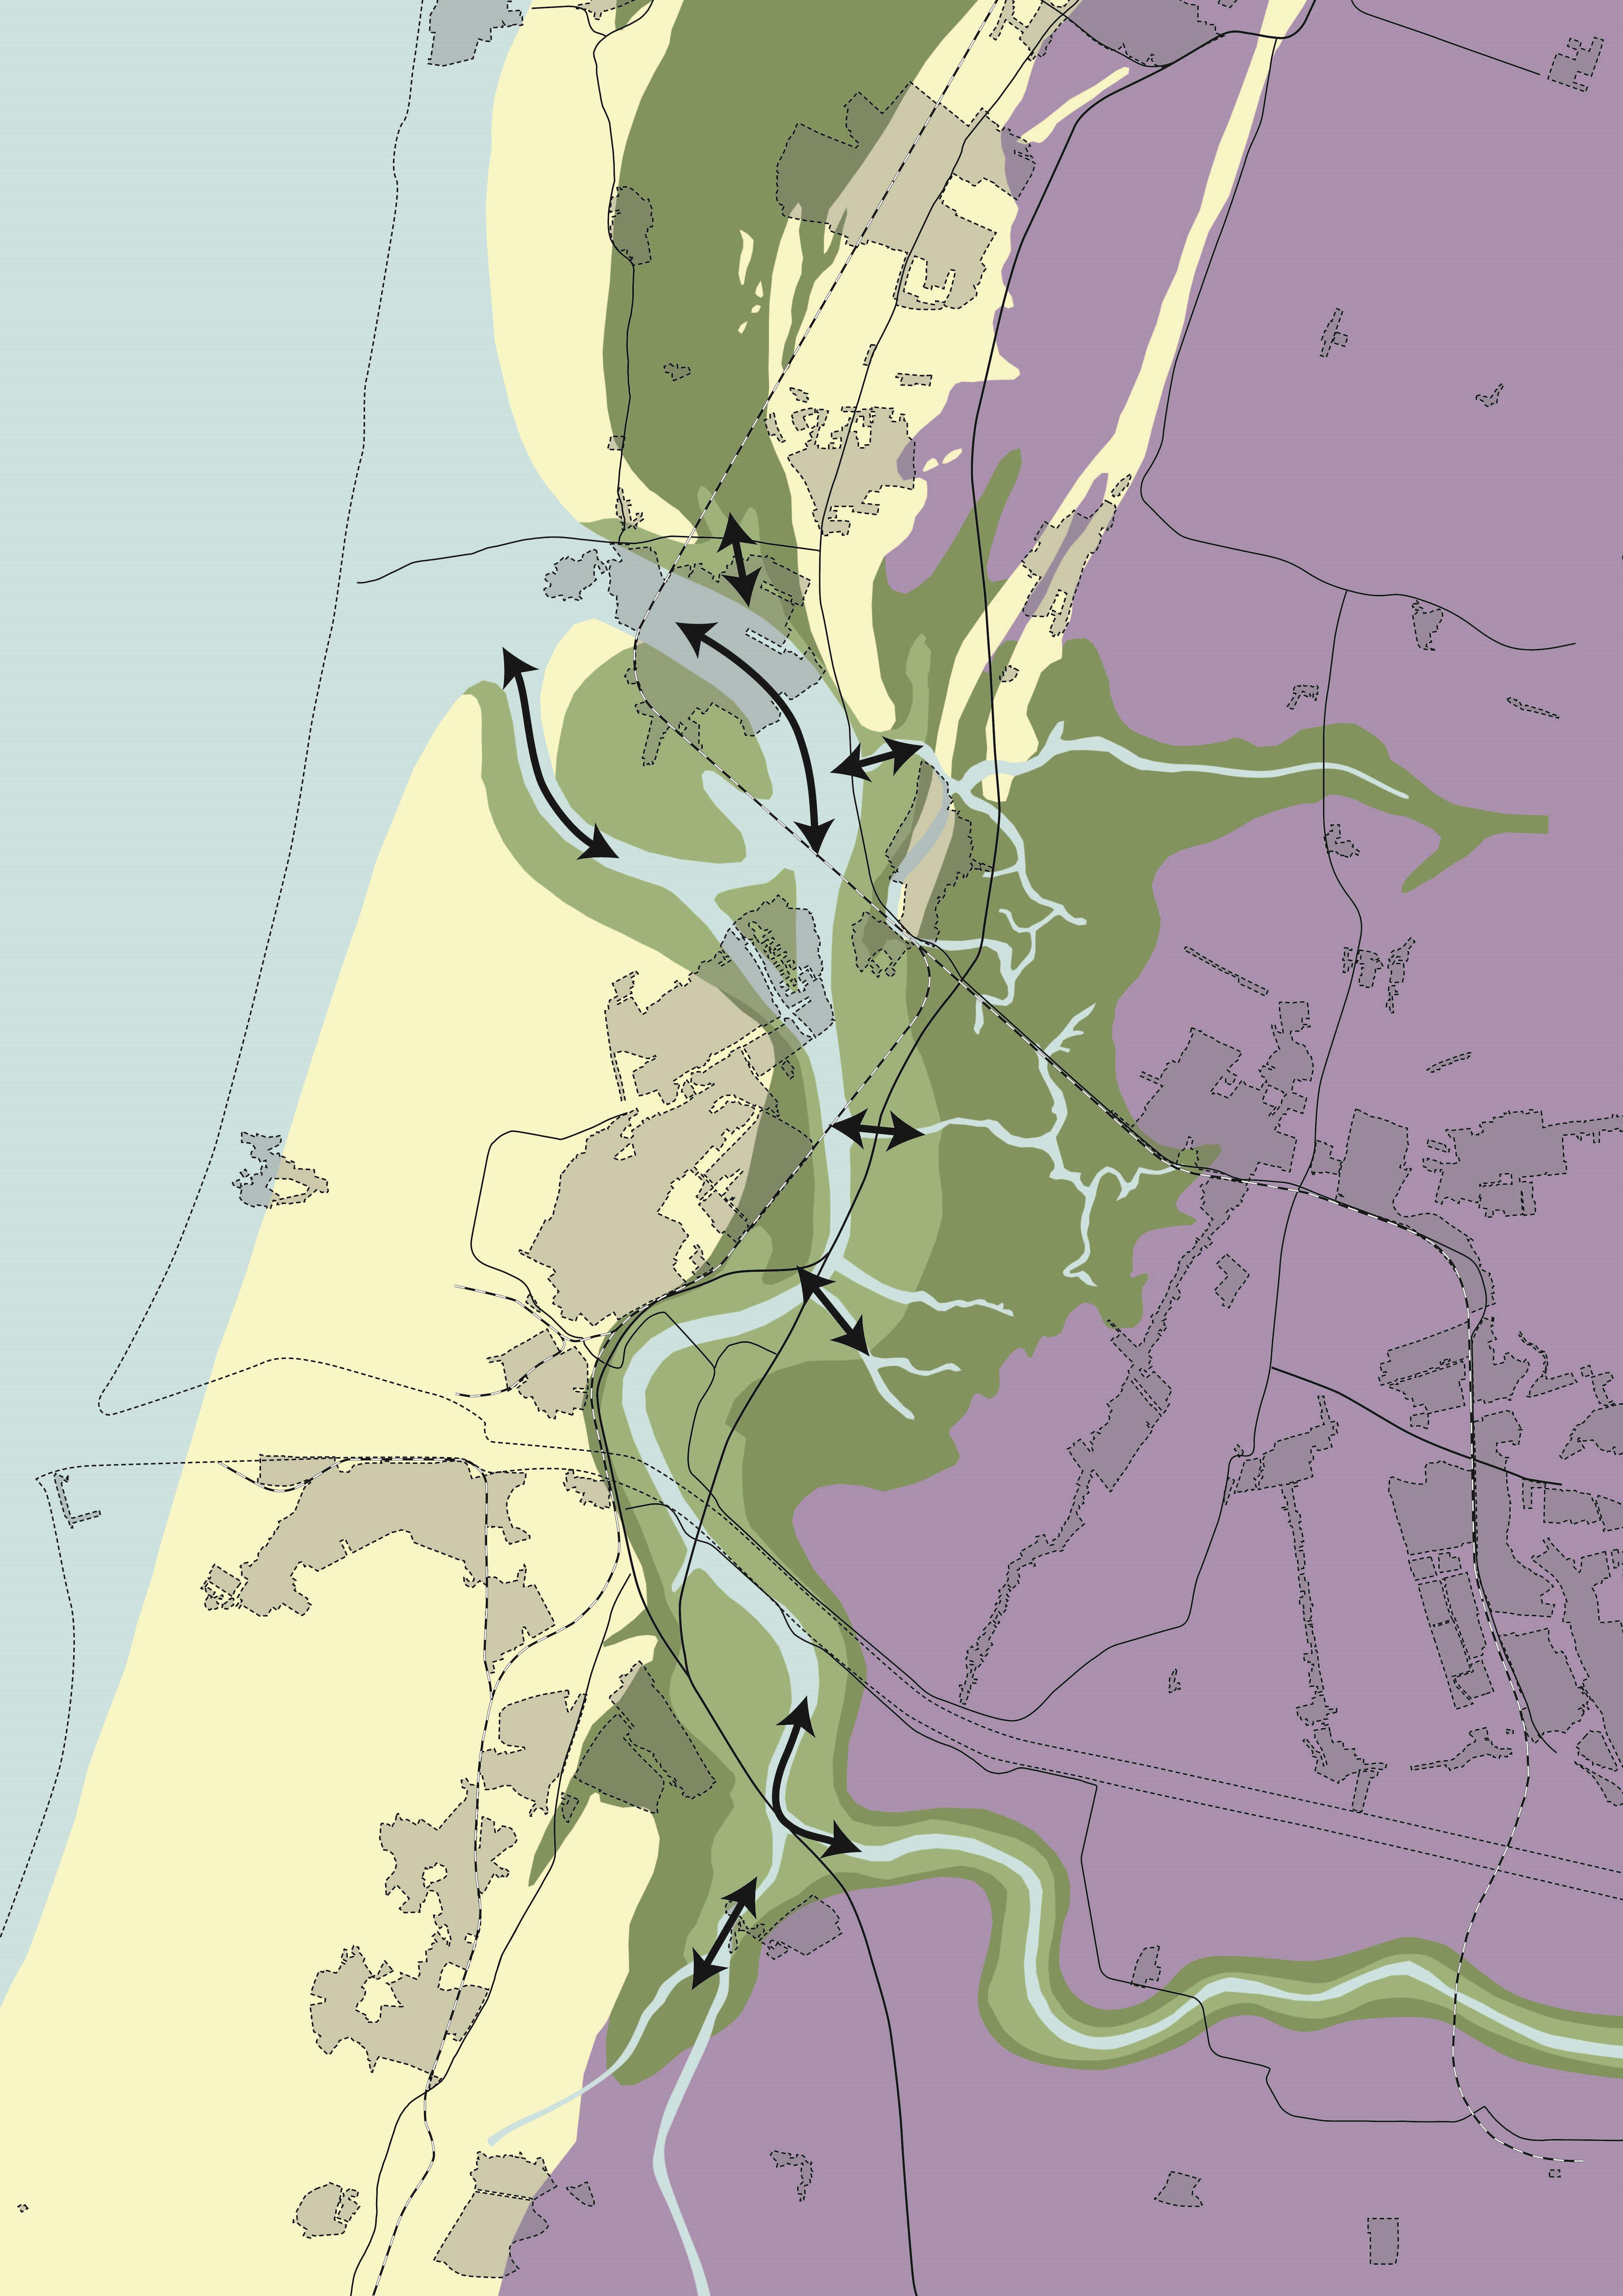 Oer-IJ op de kaart, met bovenin de plek waar duizenden jaren geleden een noordelijke aftakking van de Rijn bij Castricum de zee in stroomde